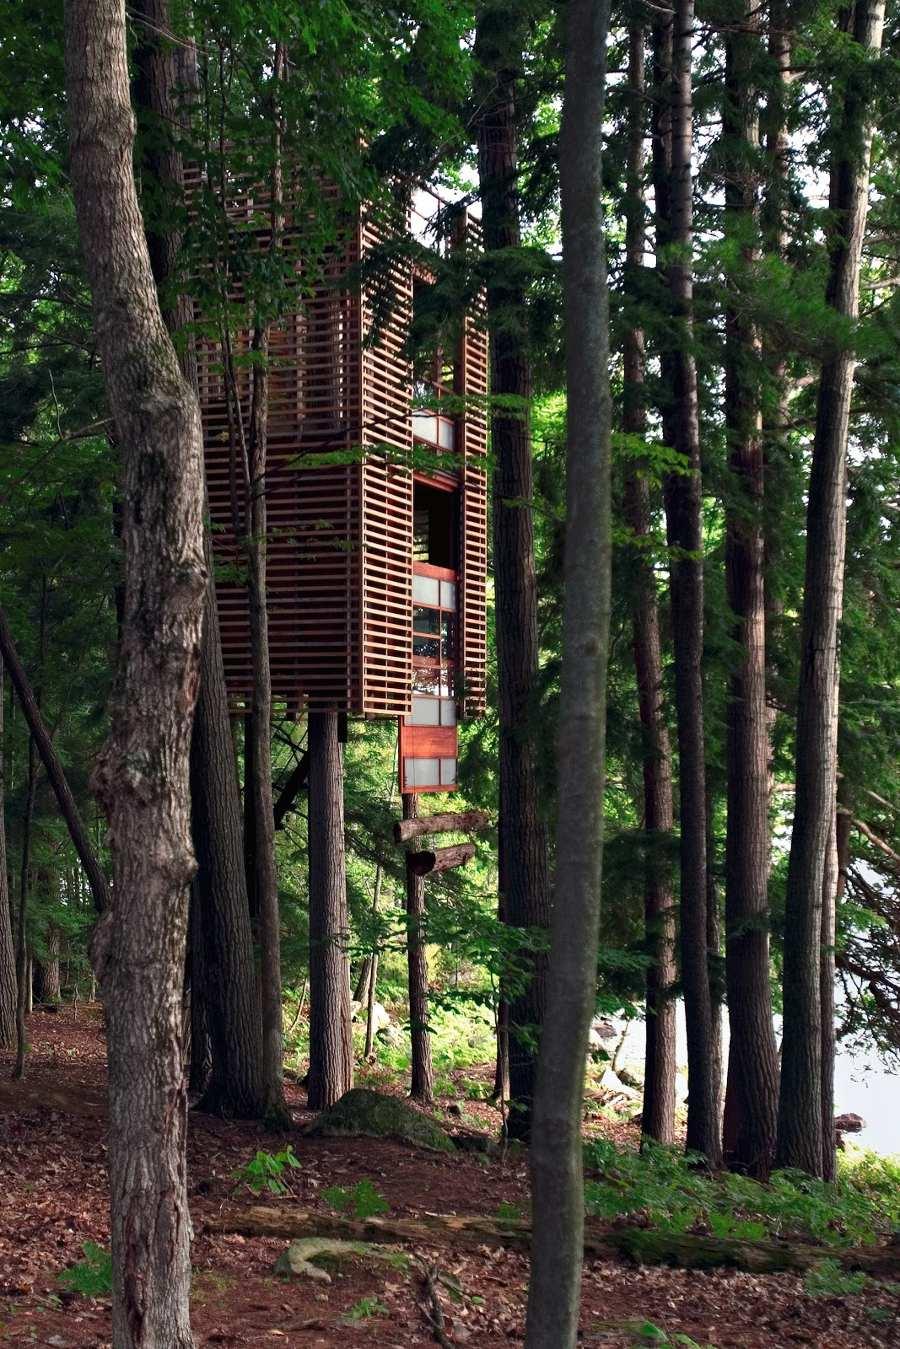 4 Treehouse được xây dựng xung quanh bốn thân cây trên hồ Muskoka ở Ontario, Canada, và bồng bềnh trong không khí như một chiếc đèn lồng lớn của Nhật Bản.